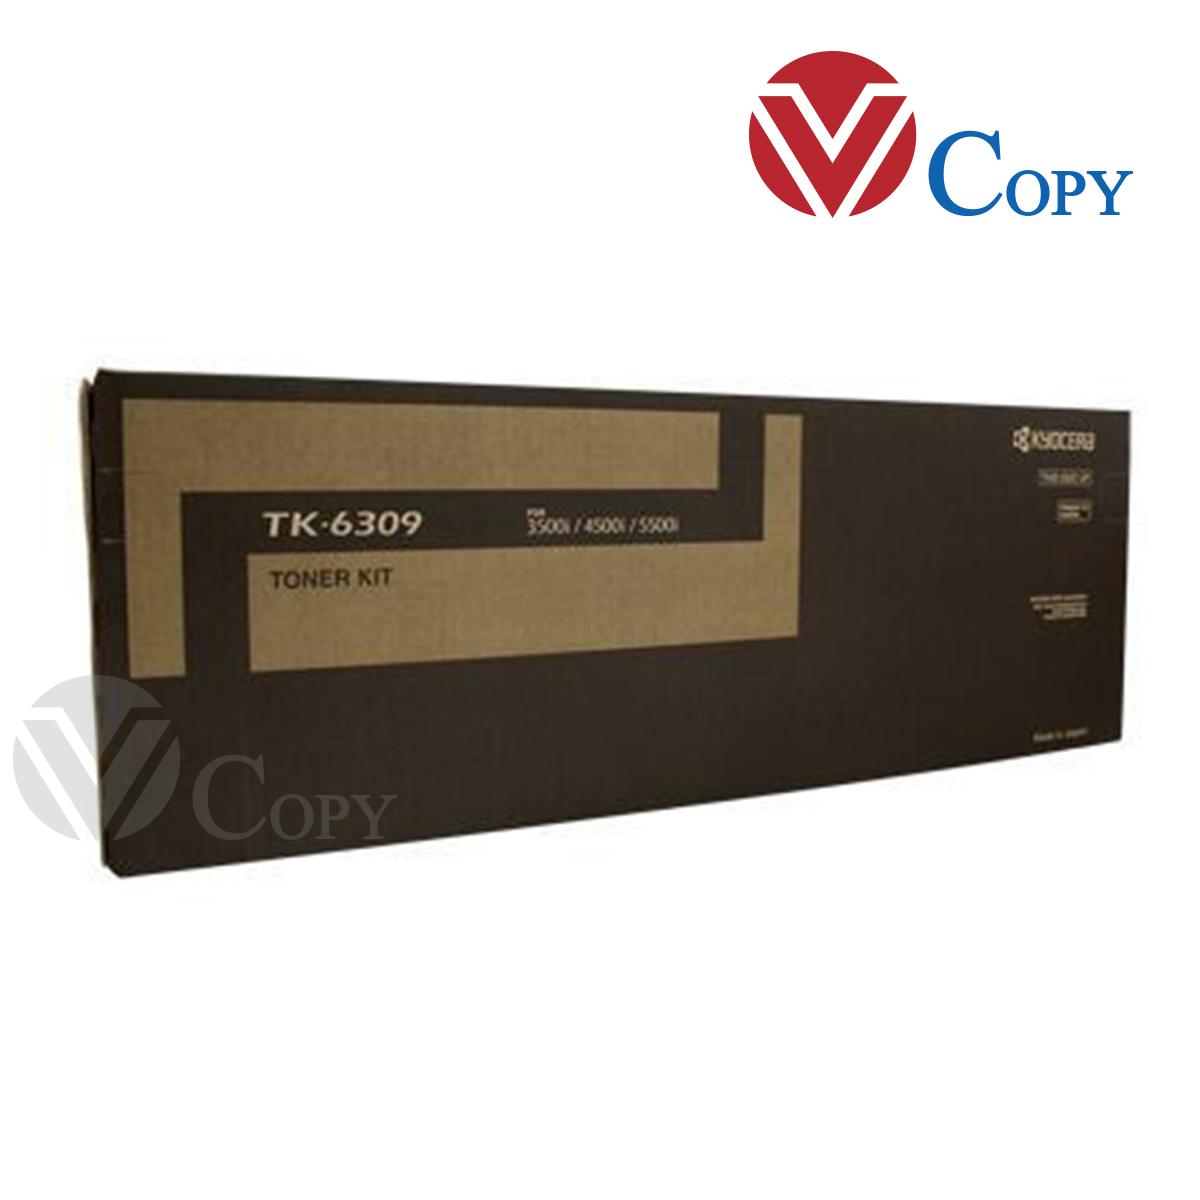 Mực Thương hiệu dùng cho máy Photocopy Kyocera 3500i/ 4500i/ 5500i / 3501i/ 4501i/ 5501i- Hộp mực TK6309 (loại 650g)